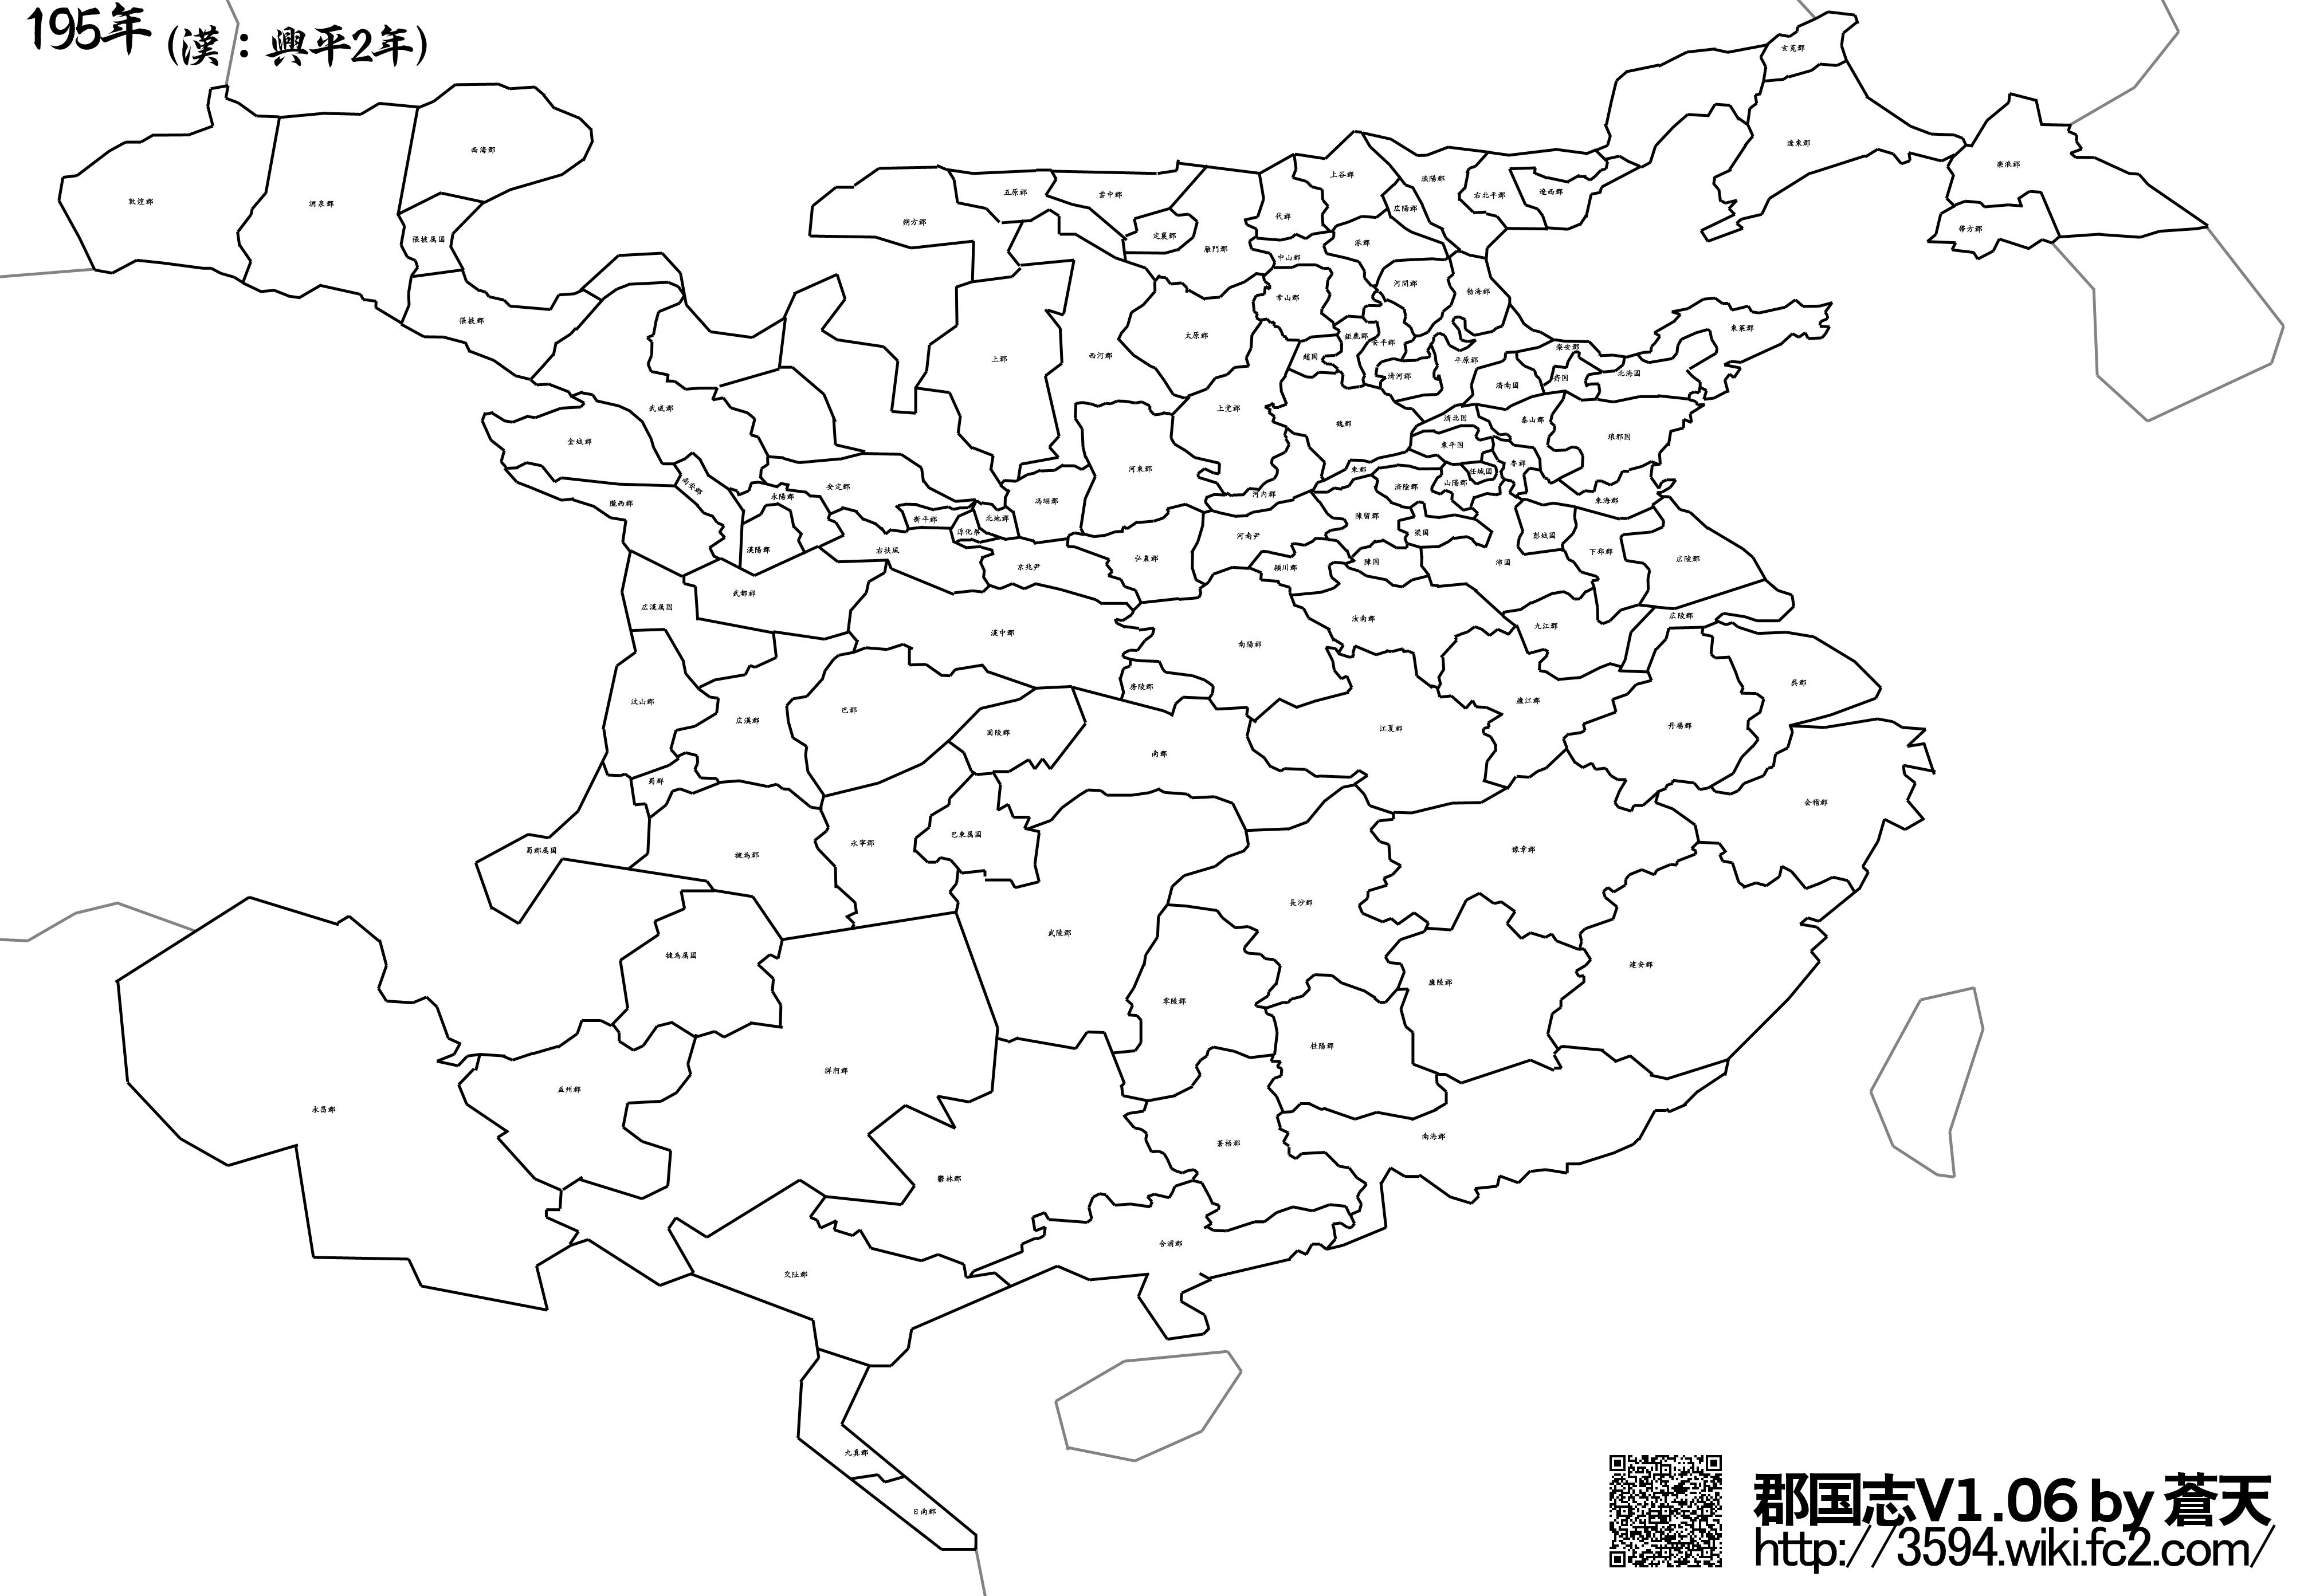 郡国志v106_195年